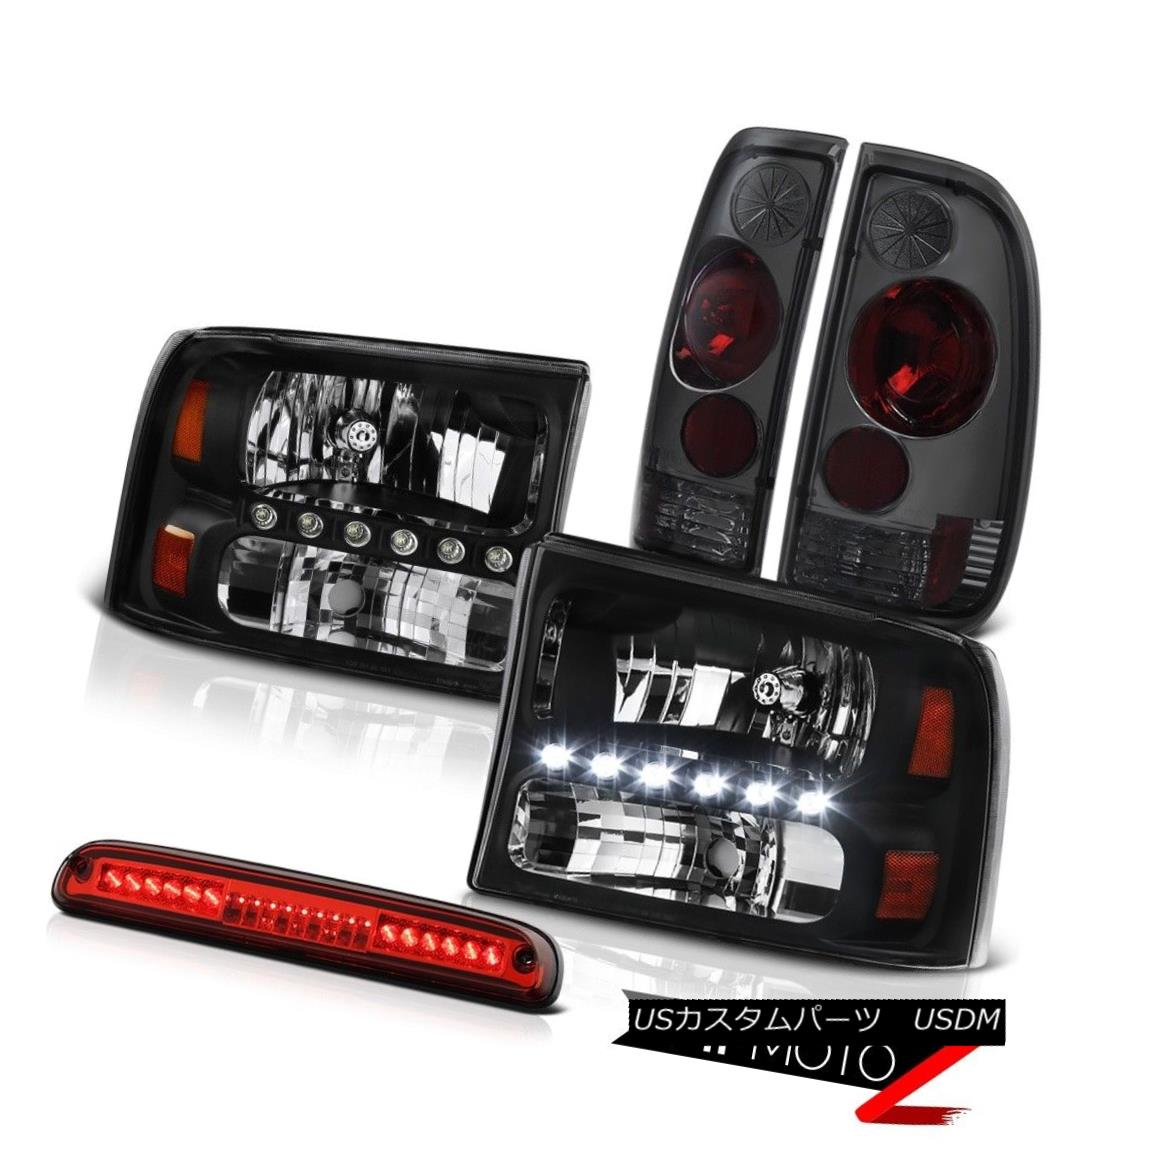 テールライト 99-04 Ford F350 SD L+R Black Headlights Rear Tail Light Wine Red Third Brake LED 99-04 Ford F350 SD L + Rブラックヘッドライトリアテールライトワインレッド第3ブレーキLED